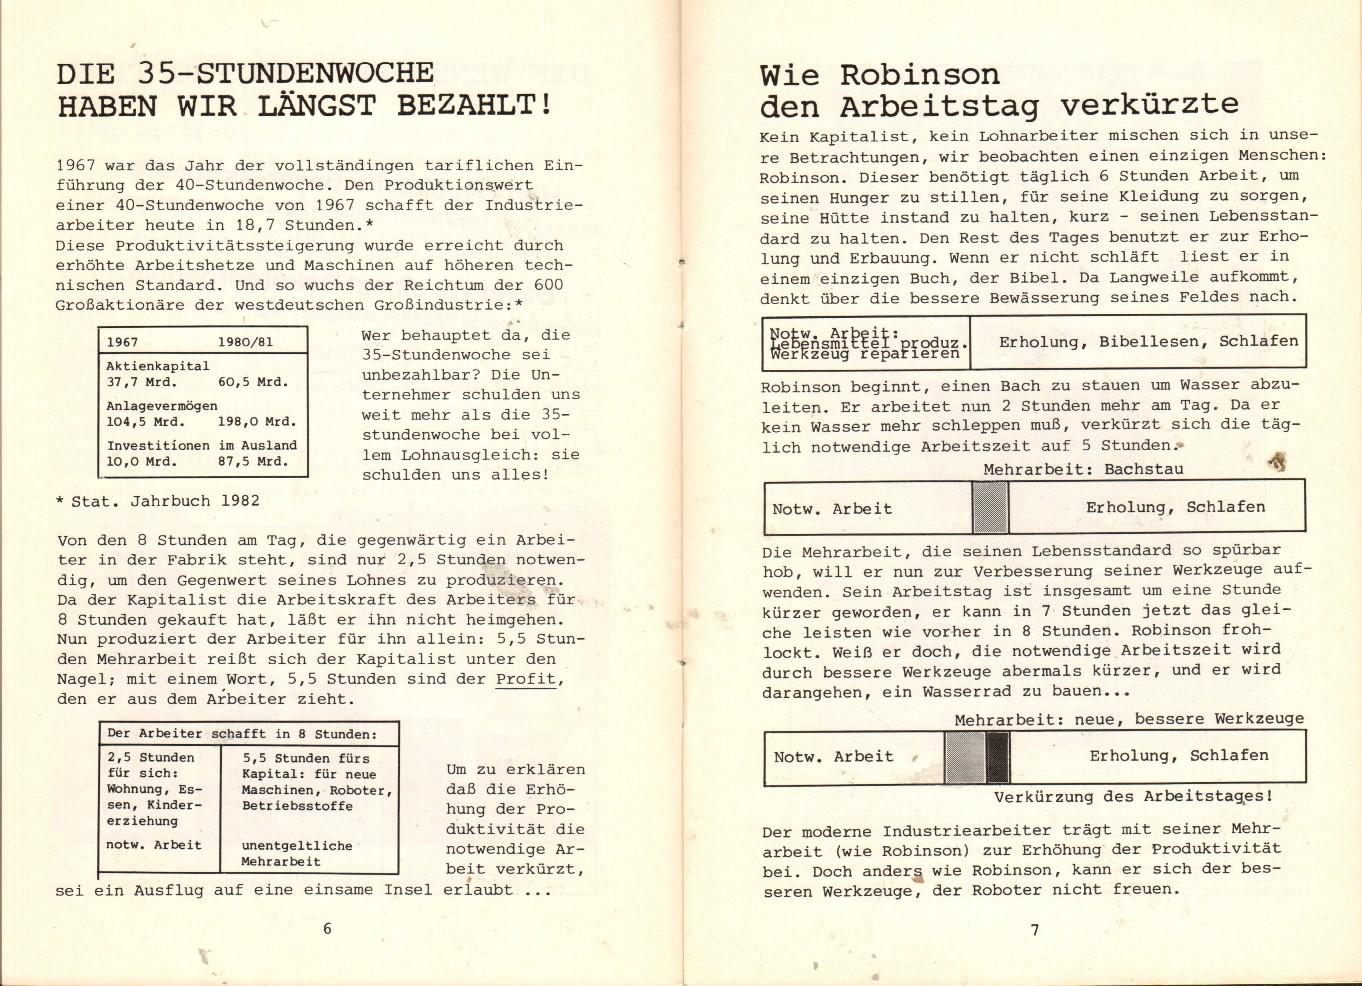 Muenchen_ABG_1984_35_Stundenwoche_04